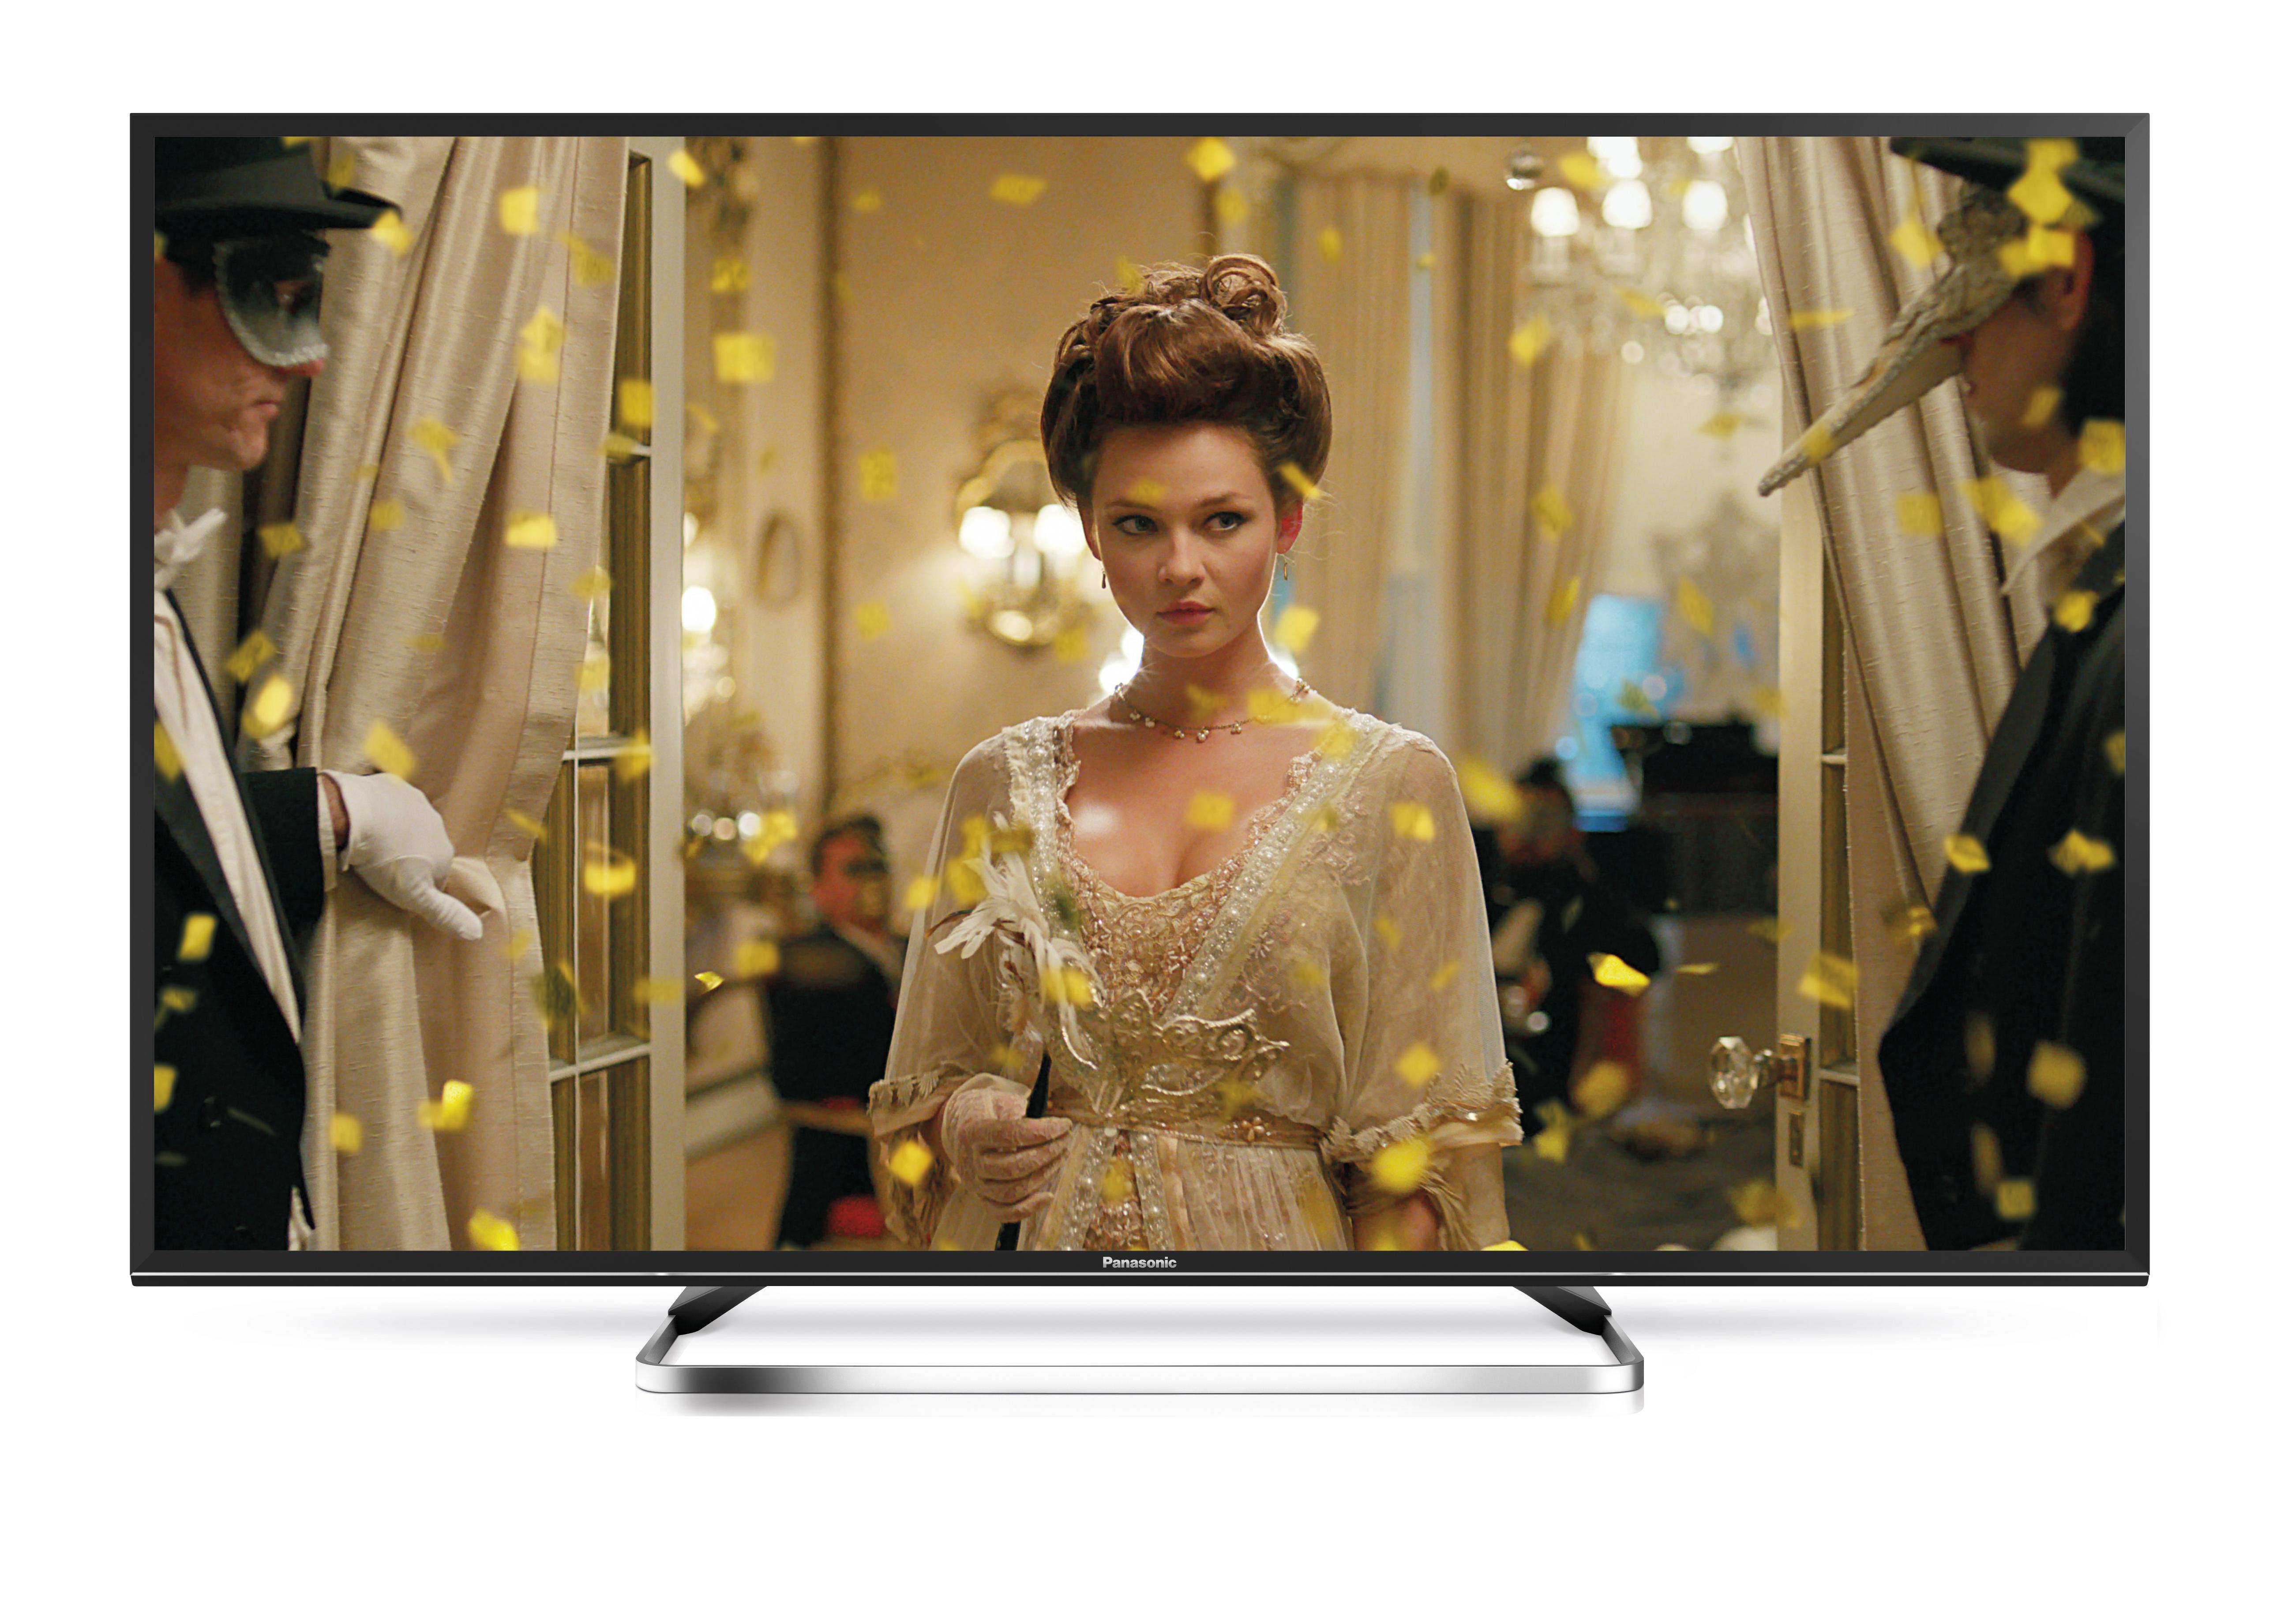 3ebb9d840 Panasonic predstavuje špičkové televízory s LED podsvietením a ultravysokým  rozlíšením 4K pre rok 2017